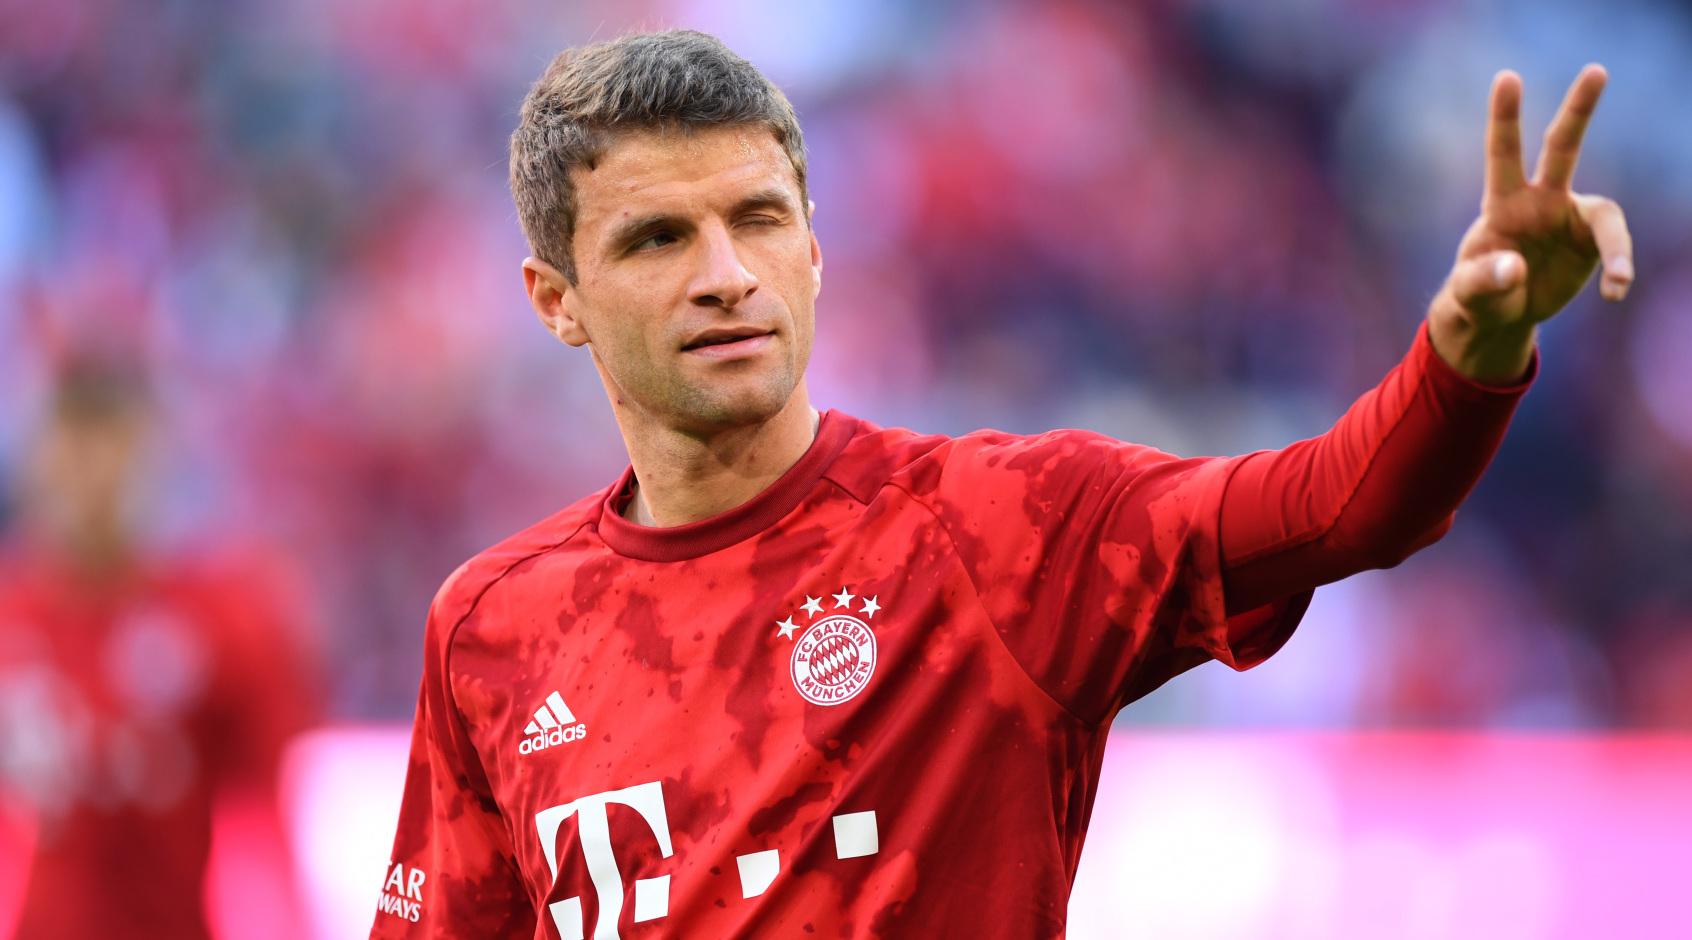 Томас Мюллер по числу голов в Лиге чемпионов сравнялся с Андреем Шевченко и Златаном Ибрагимовичем